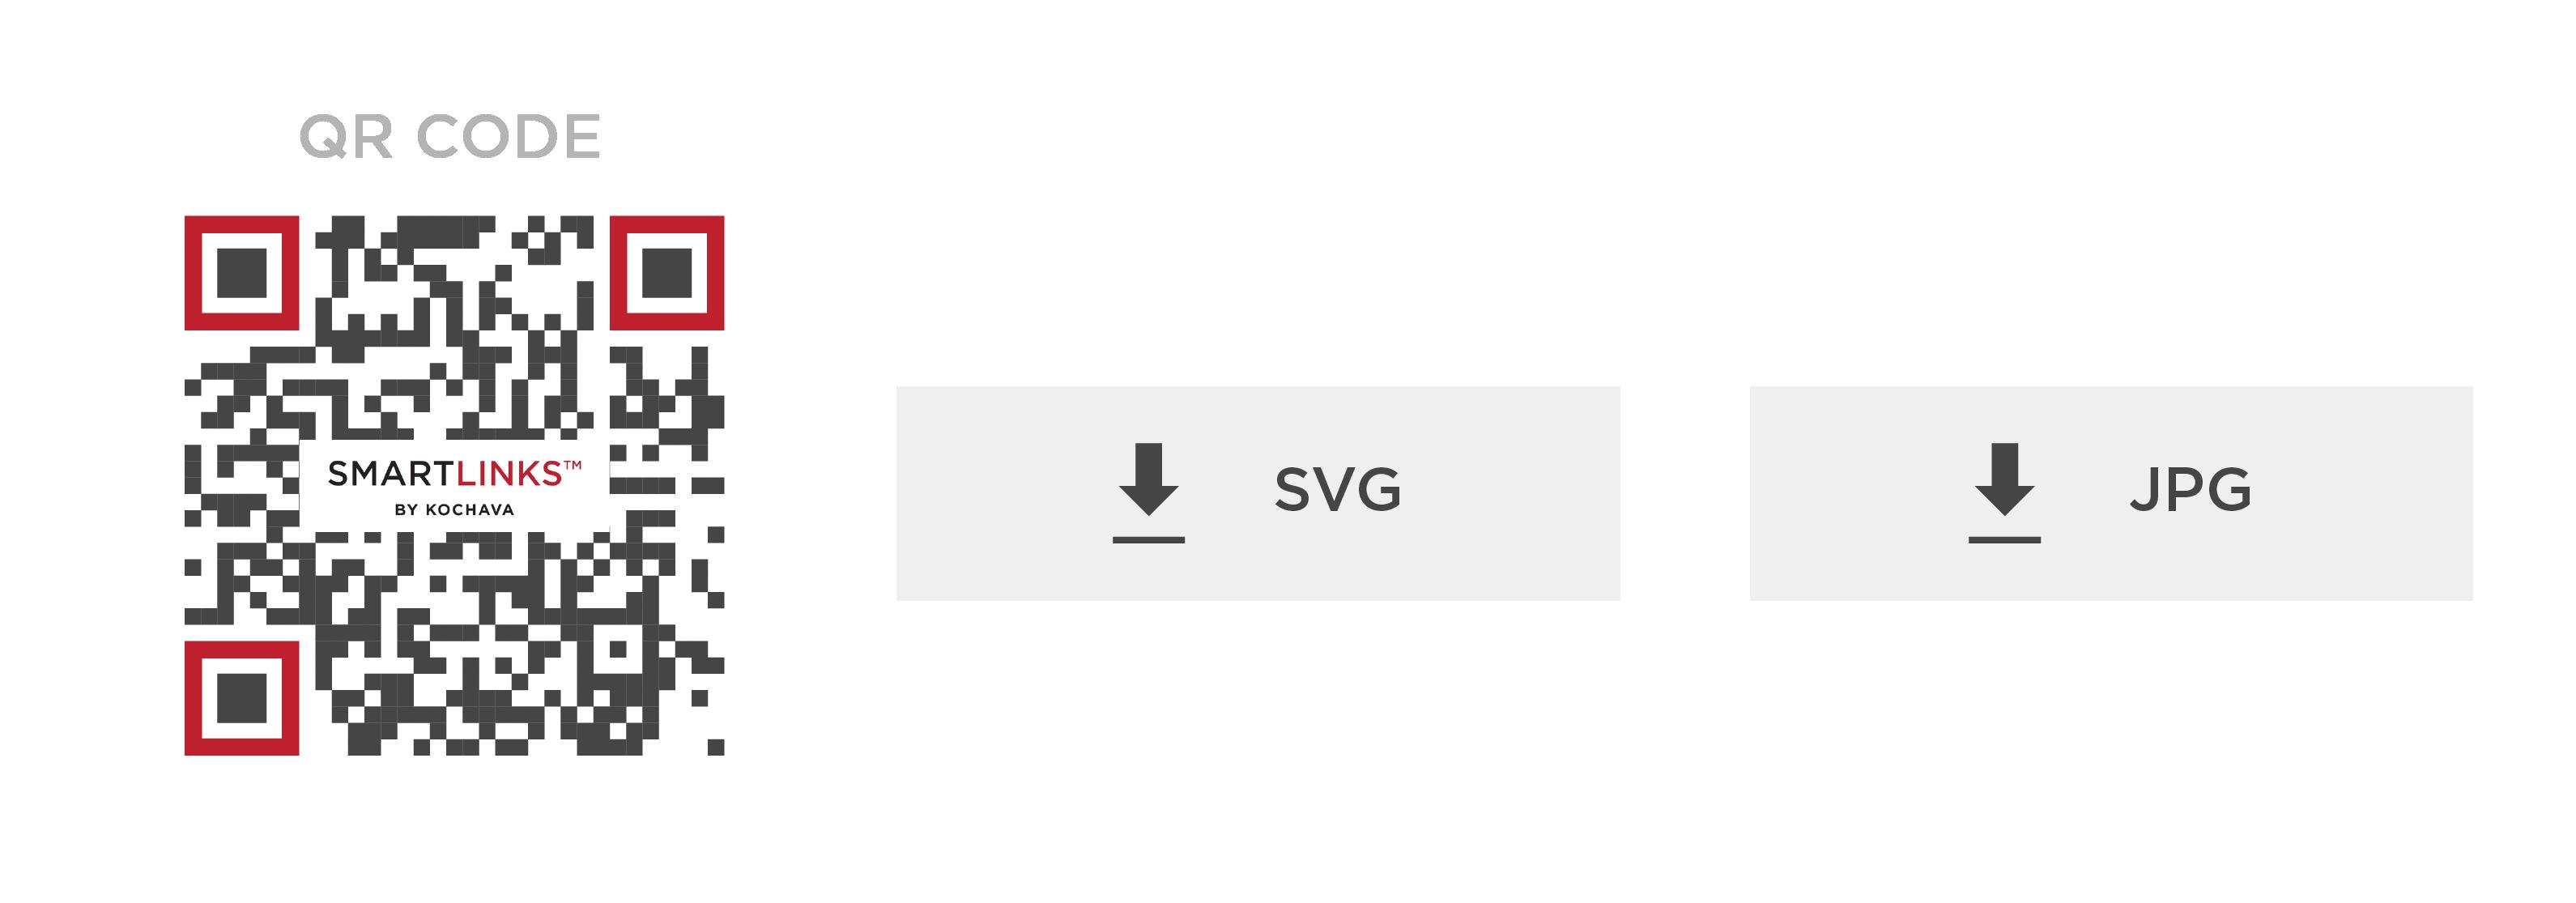 Auto-generate QR codes